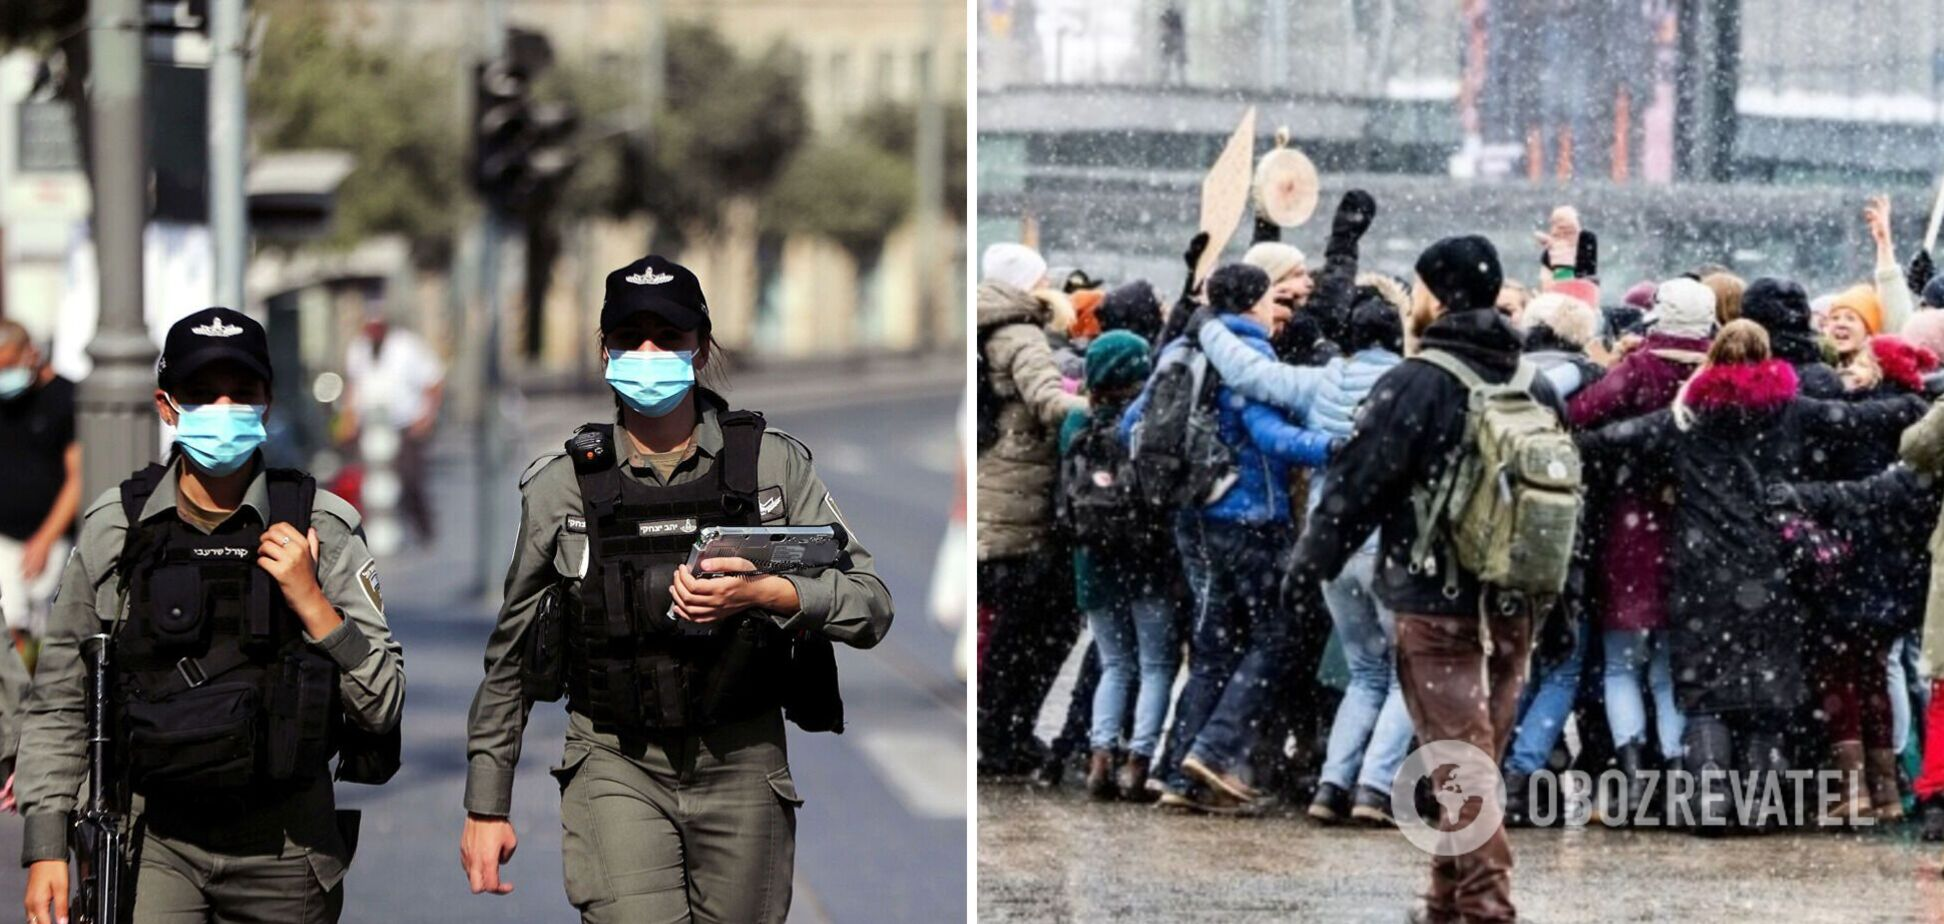 В Европе арестовали десятки людей, которые вышли на протесты из-за карантина. Видео